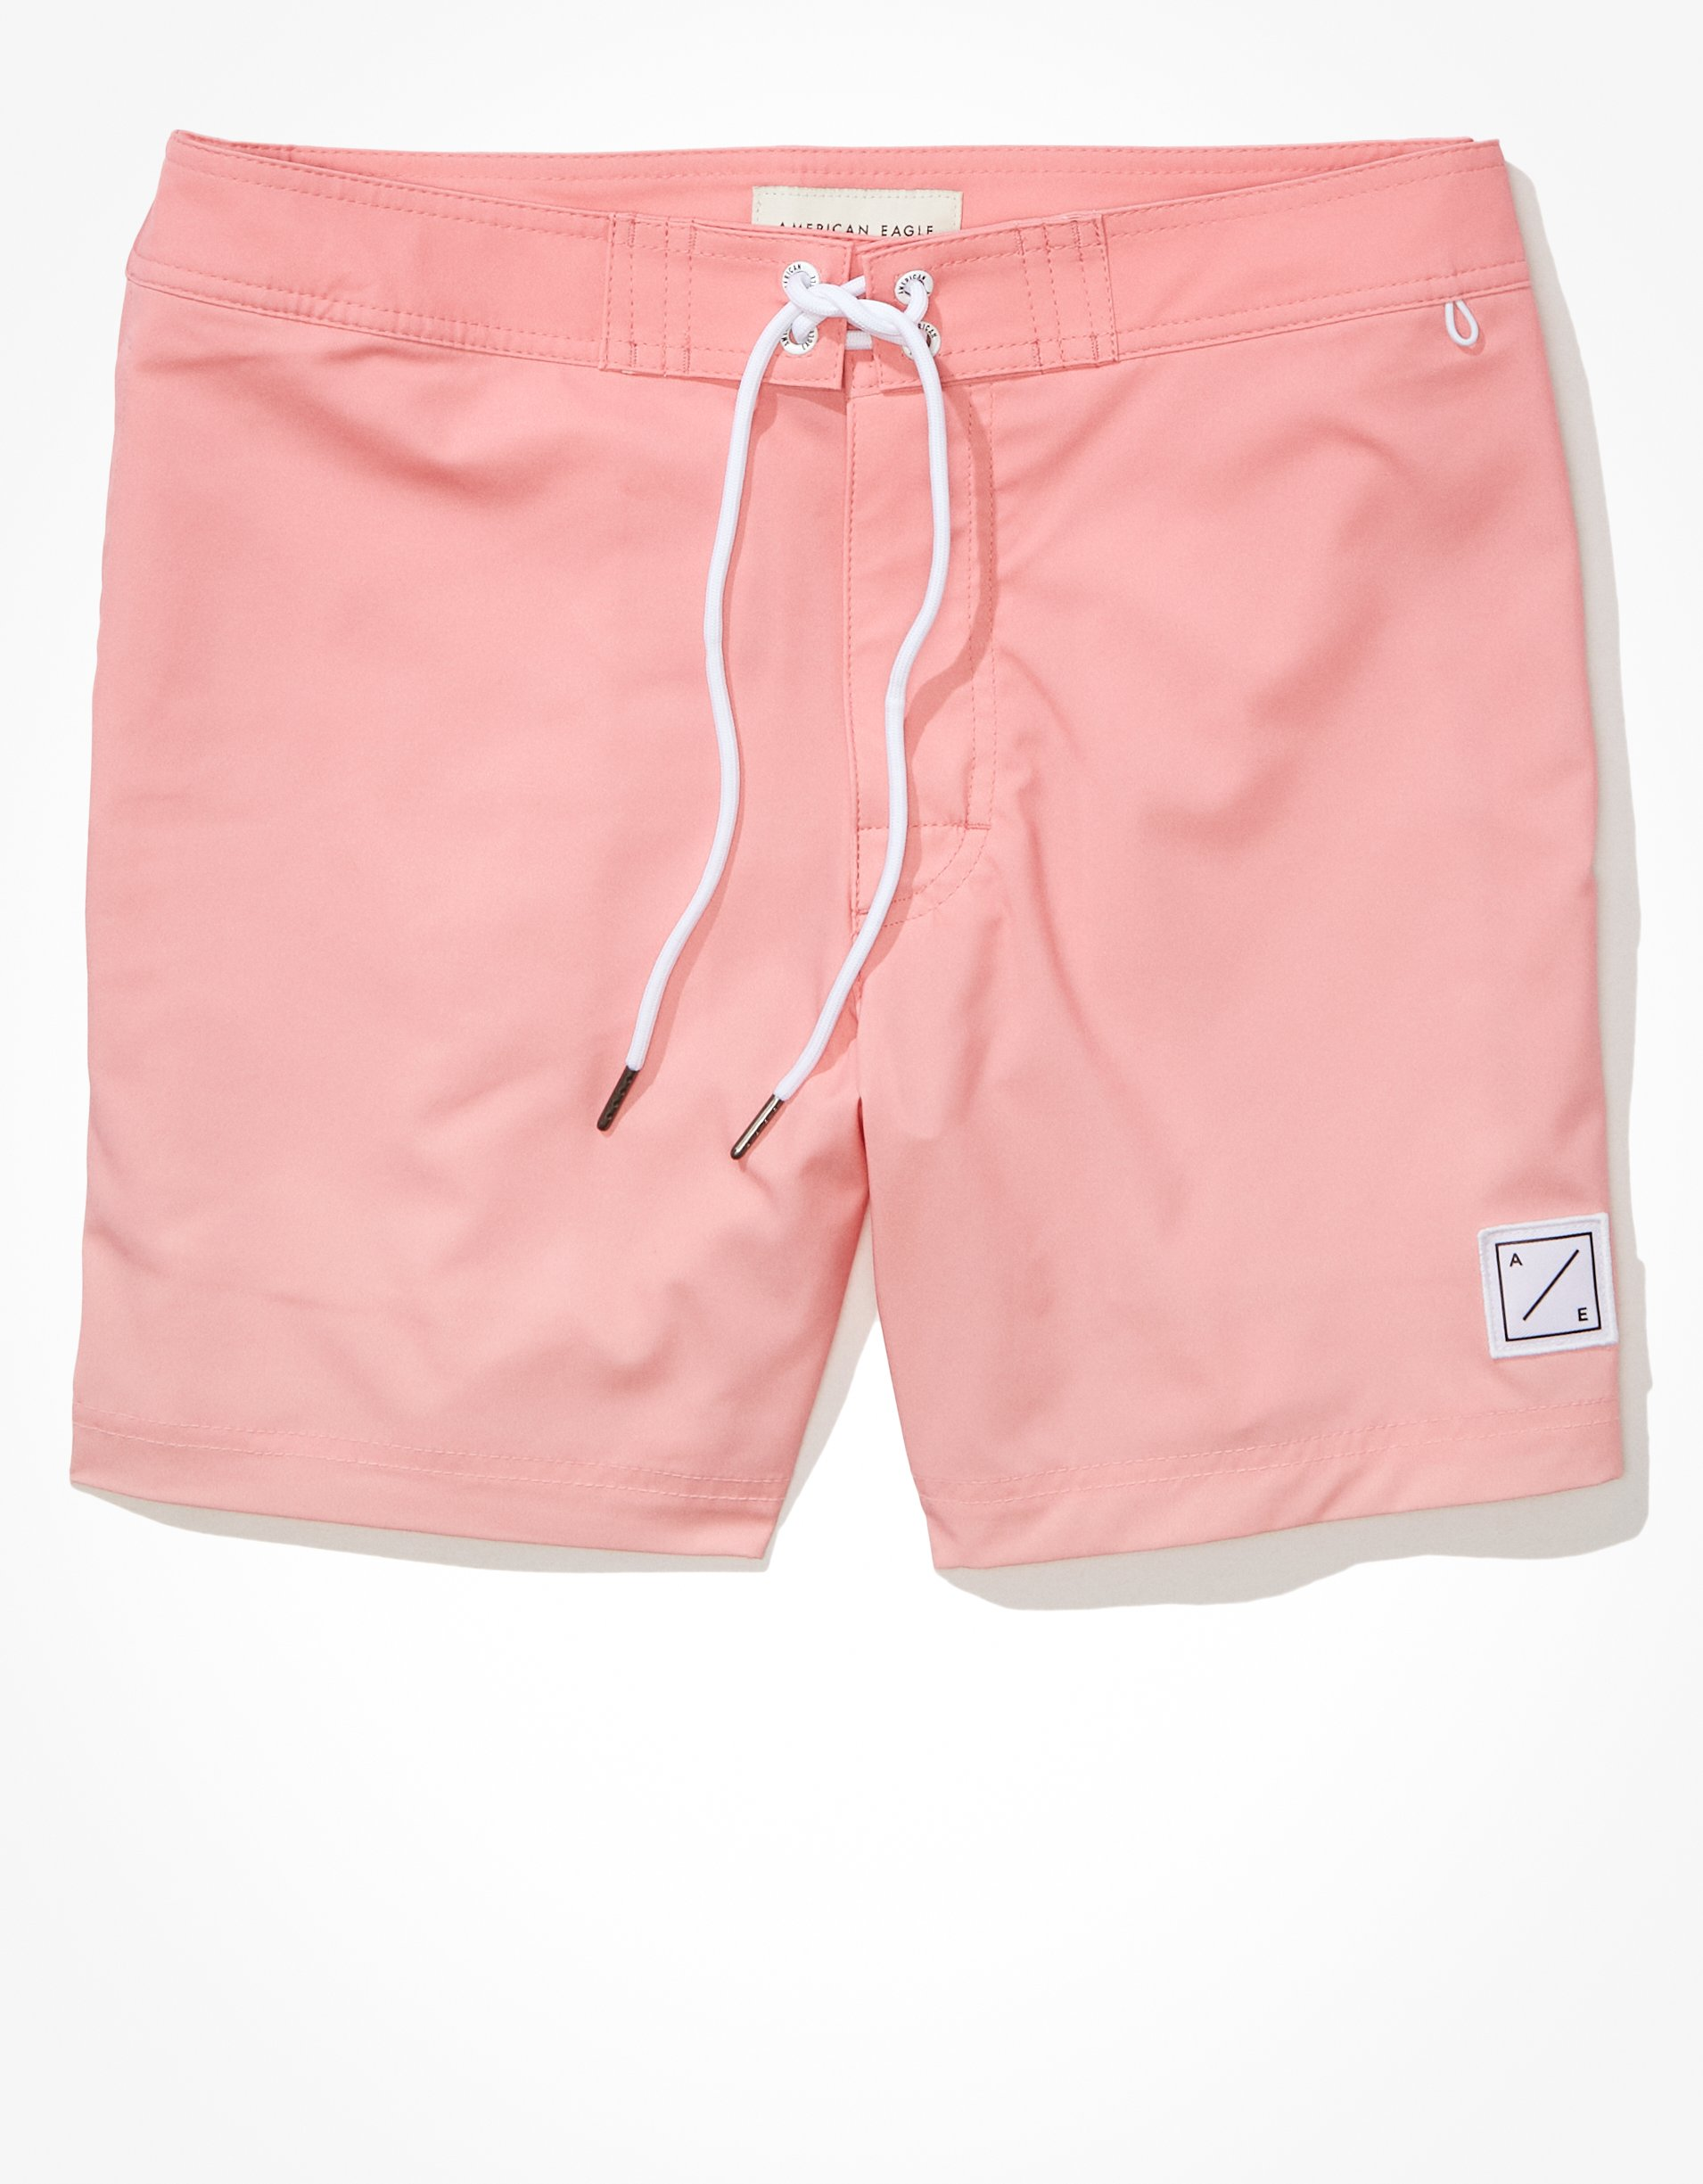 Mens shorts starting at .98 + Free shipping at !